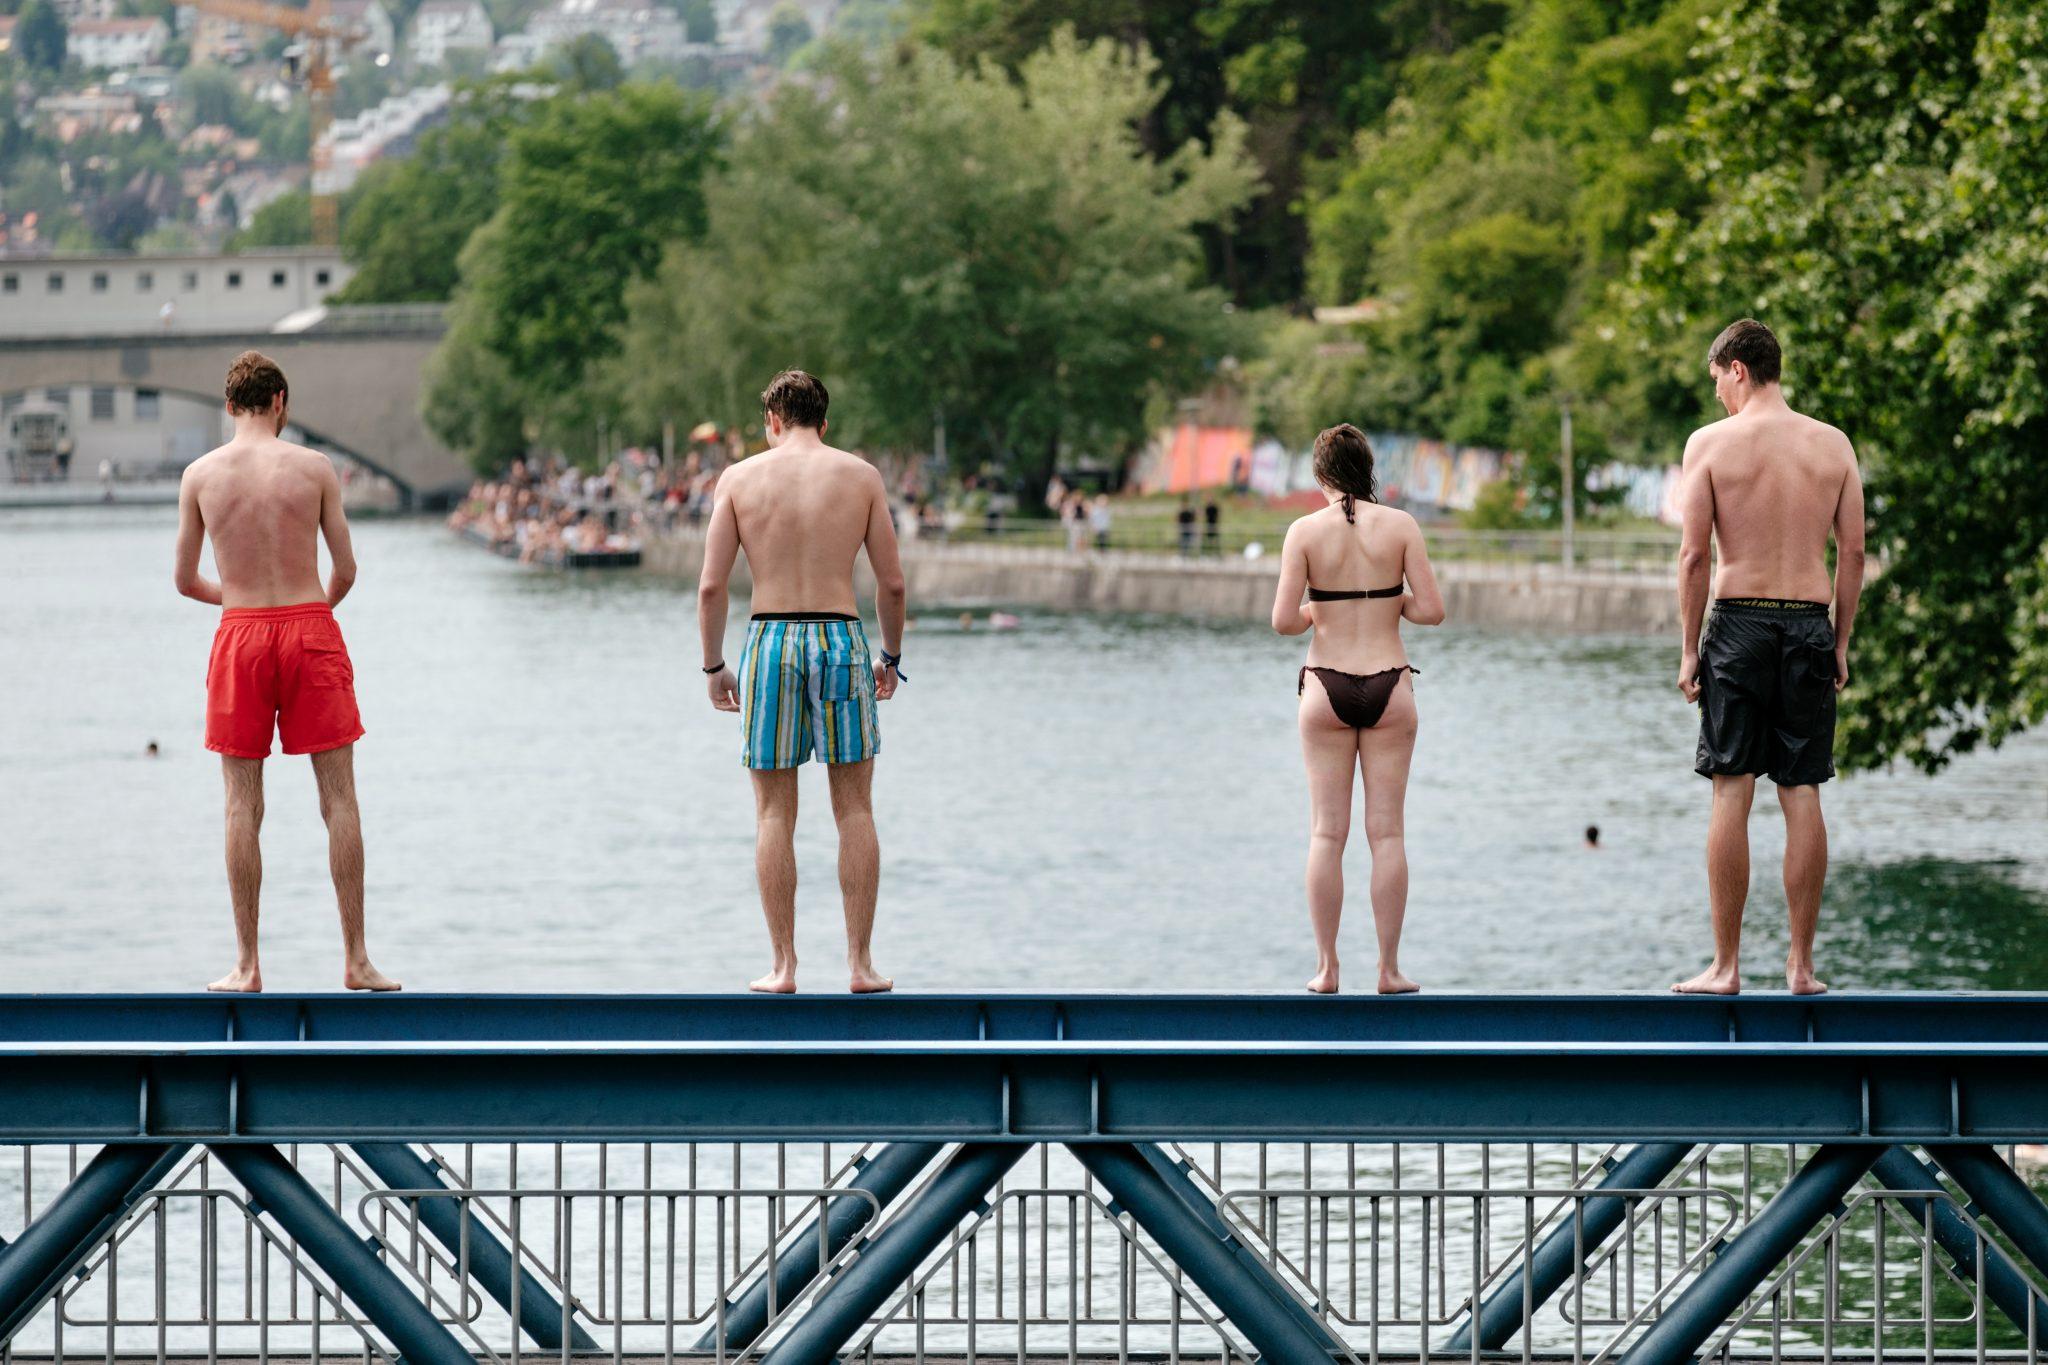 Dei giovani pronti a saltare da un ponte.